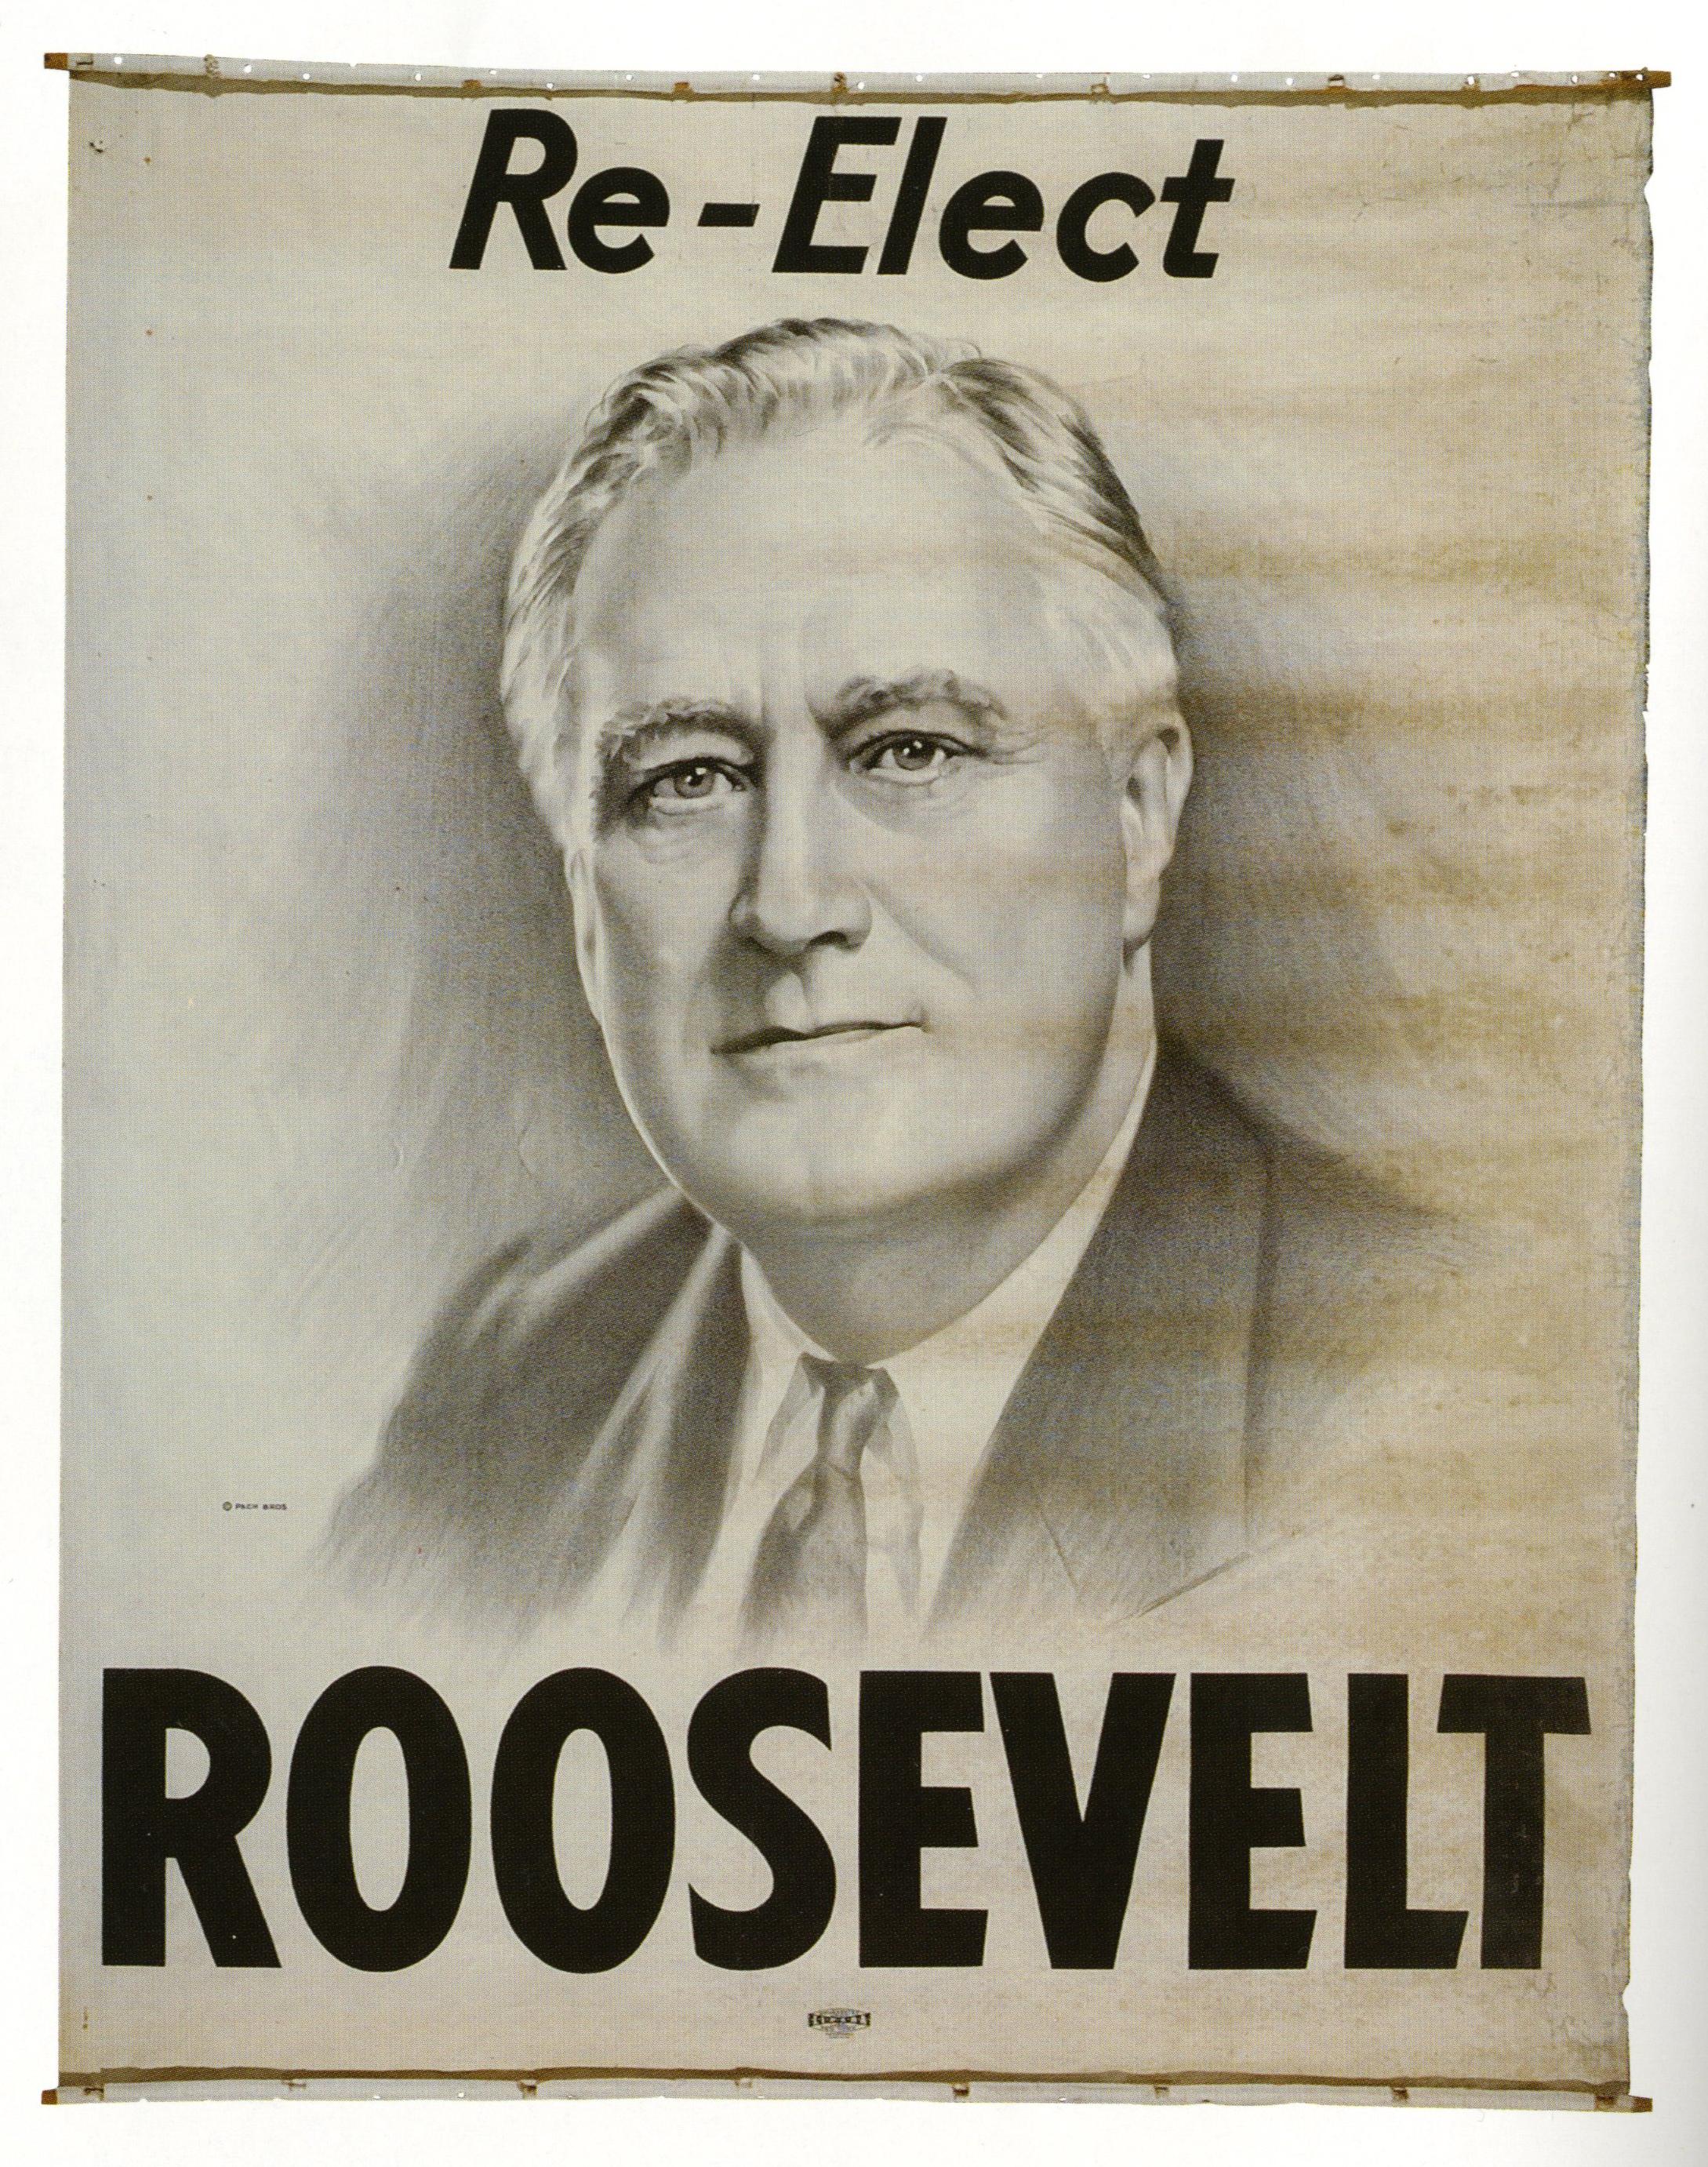 Re-Elect Roosevelt.jpg